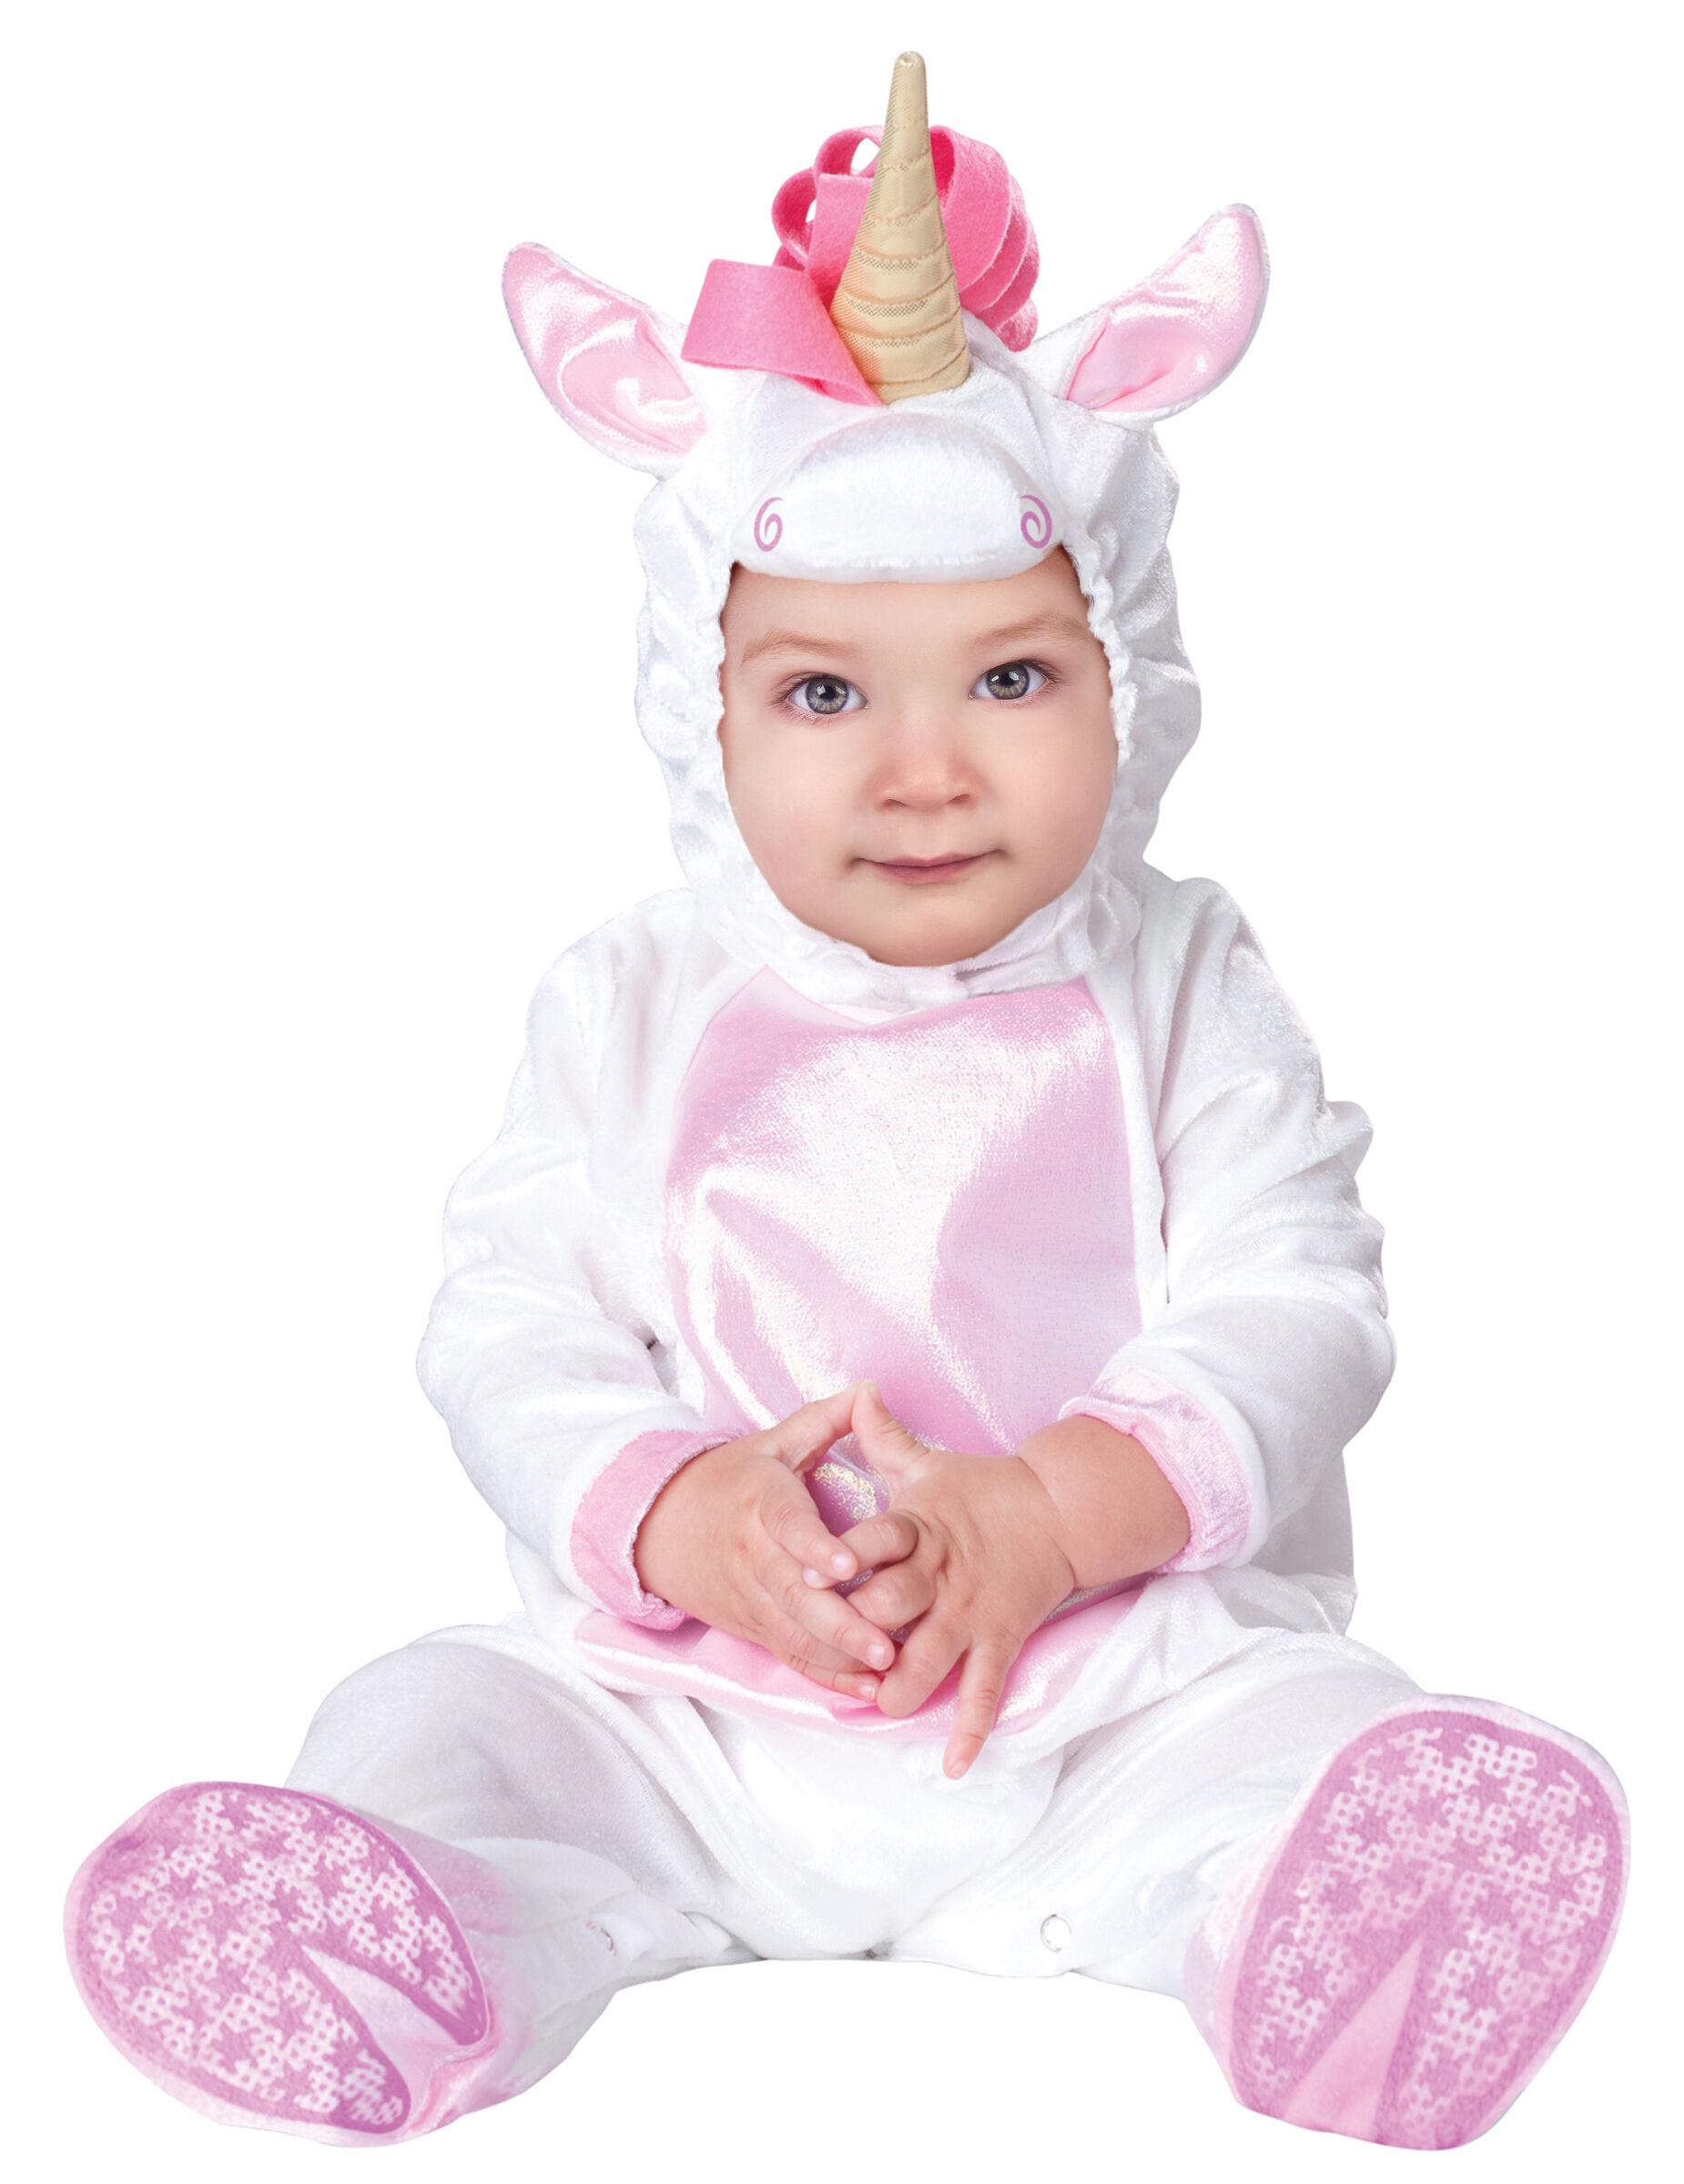 Deguisetoi Déguisement licorne pour bébé - Classique - Taille: 6-12 mois (66-74 cm)